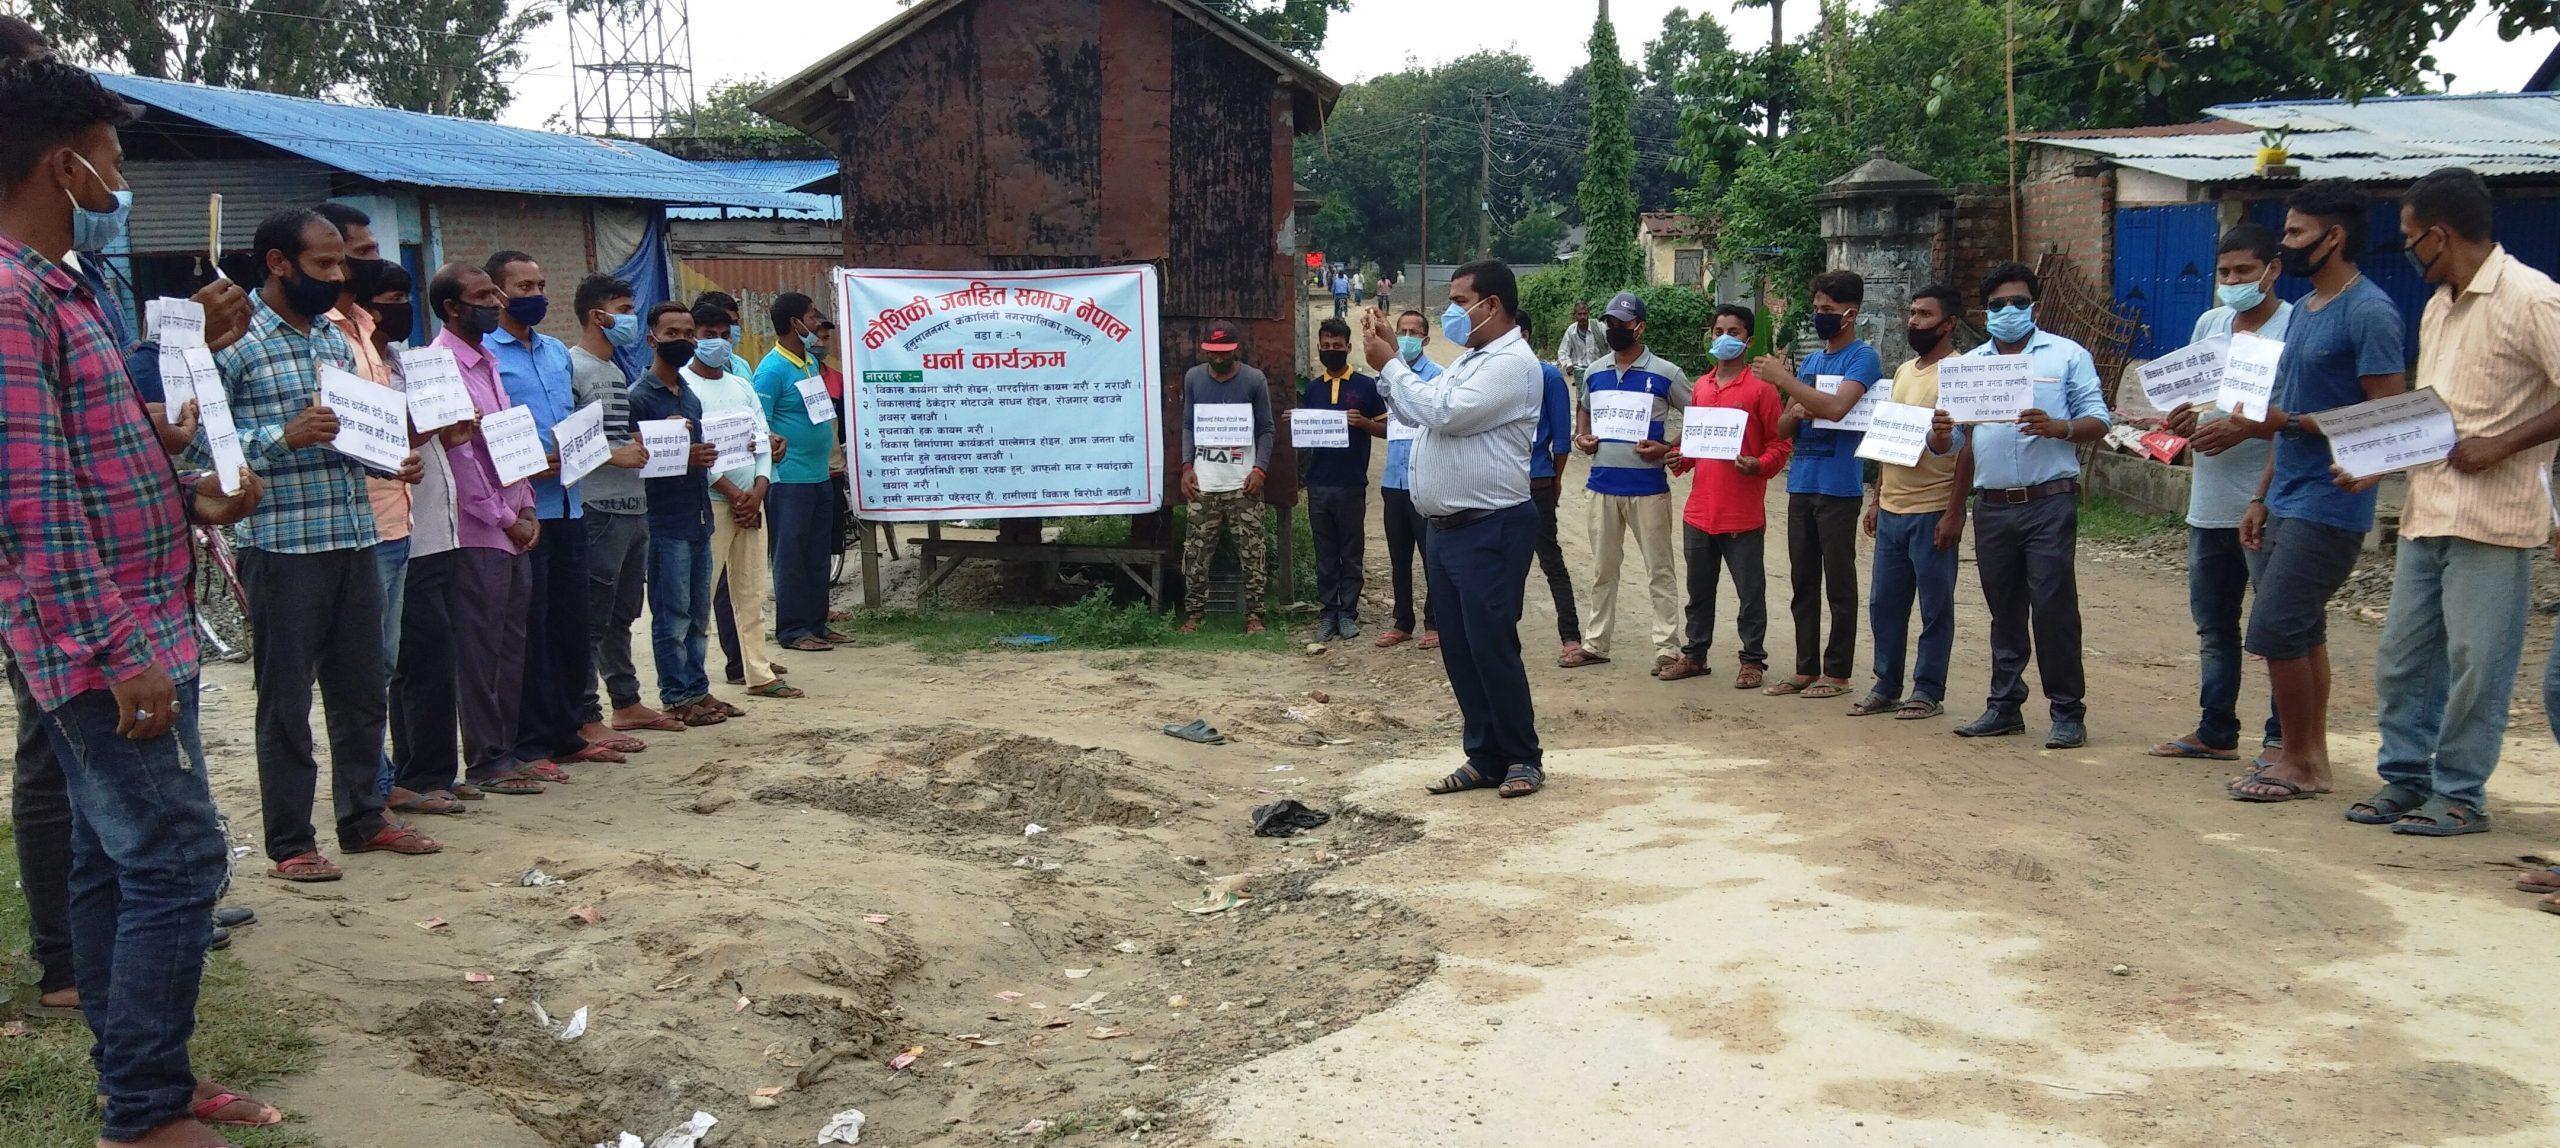 हनुमाननगर कंकालिनी नपाका जनप्रतिनिधिको मनमानी विरुद्ध युवाहरु आन्दोलित (भिडियोसहित)